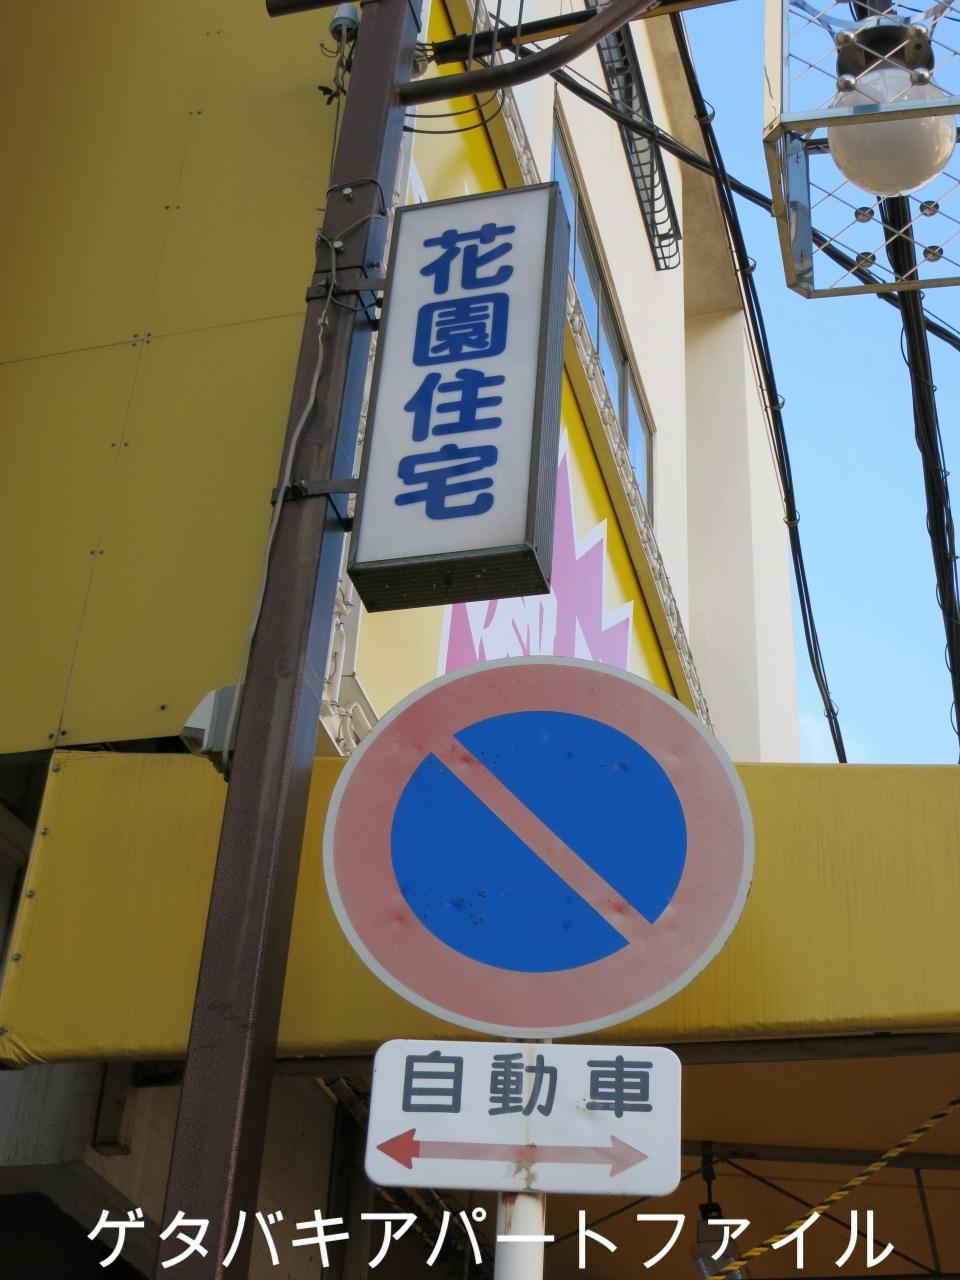 銘板ありませんが、商店街ネオンに住宅表記あり。